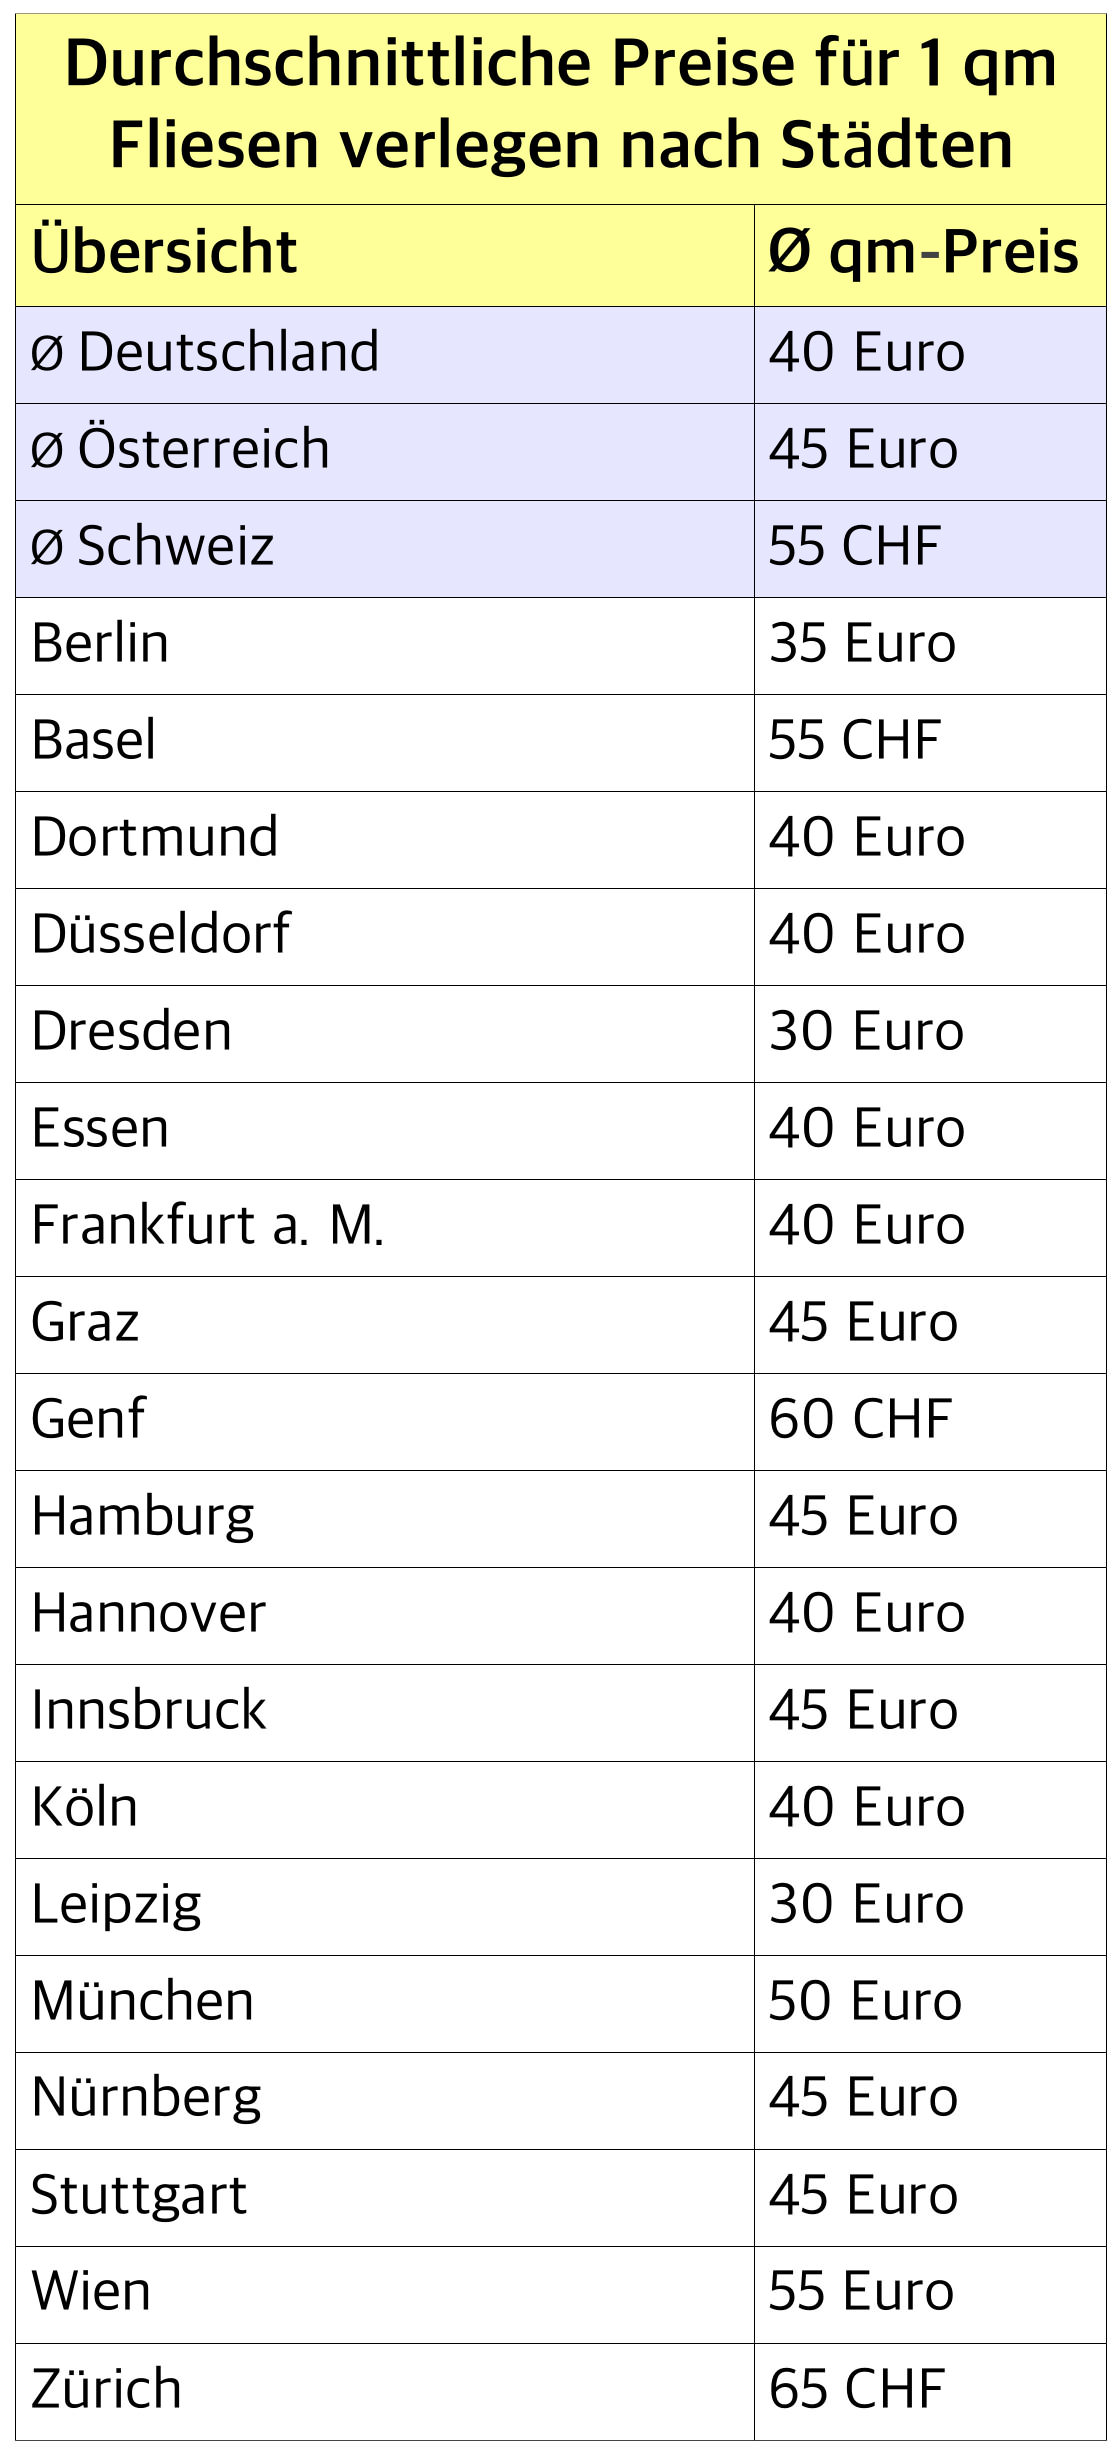 Sehr Fliesenleger Kosten - Preisübersicht 2019 | handwerkerkosten.net GH06